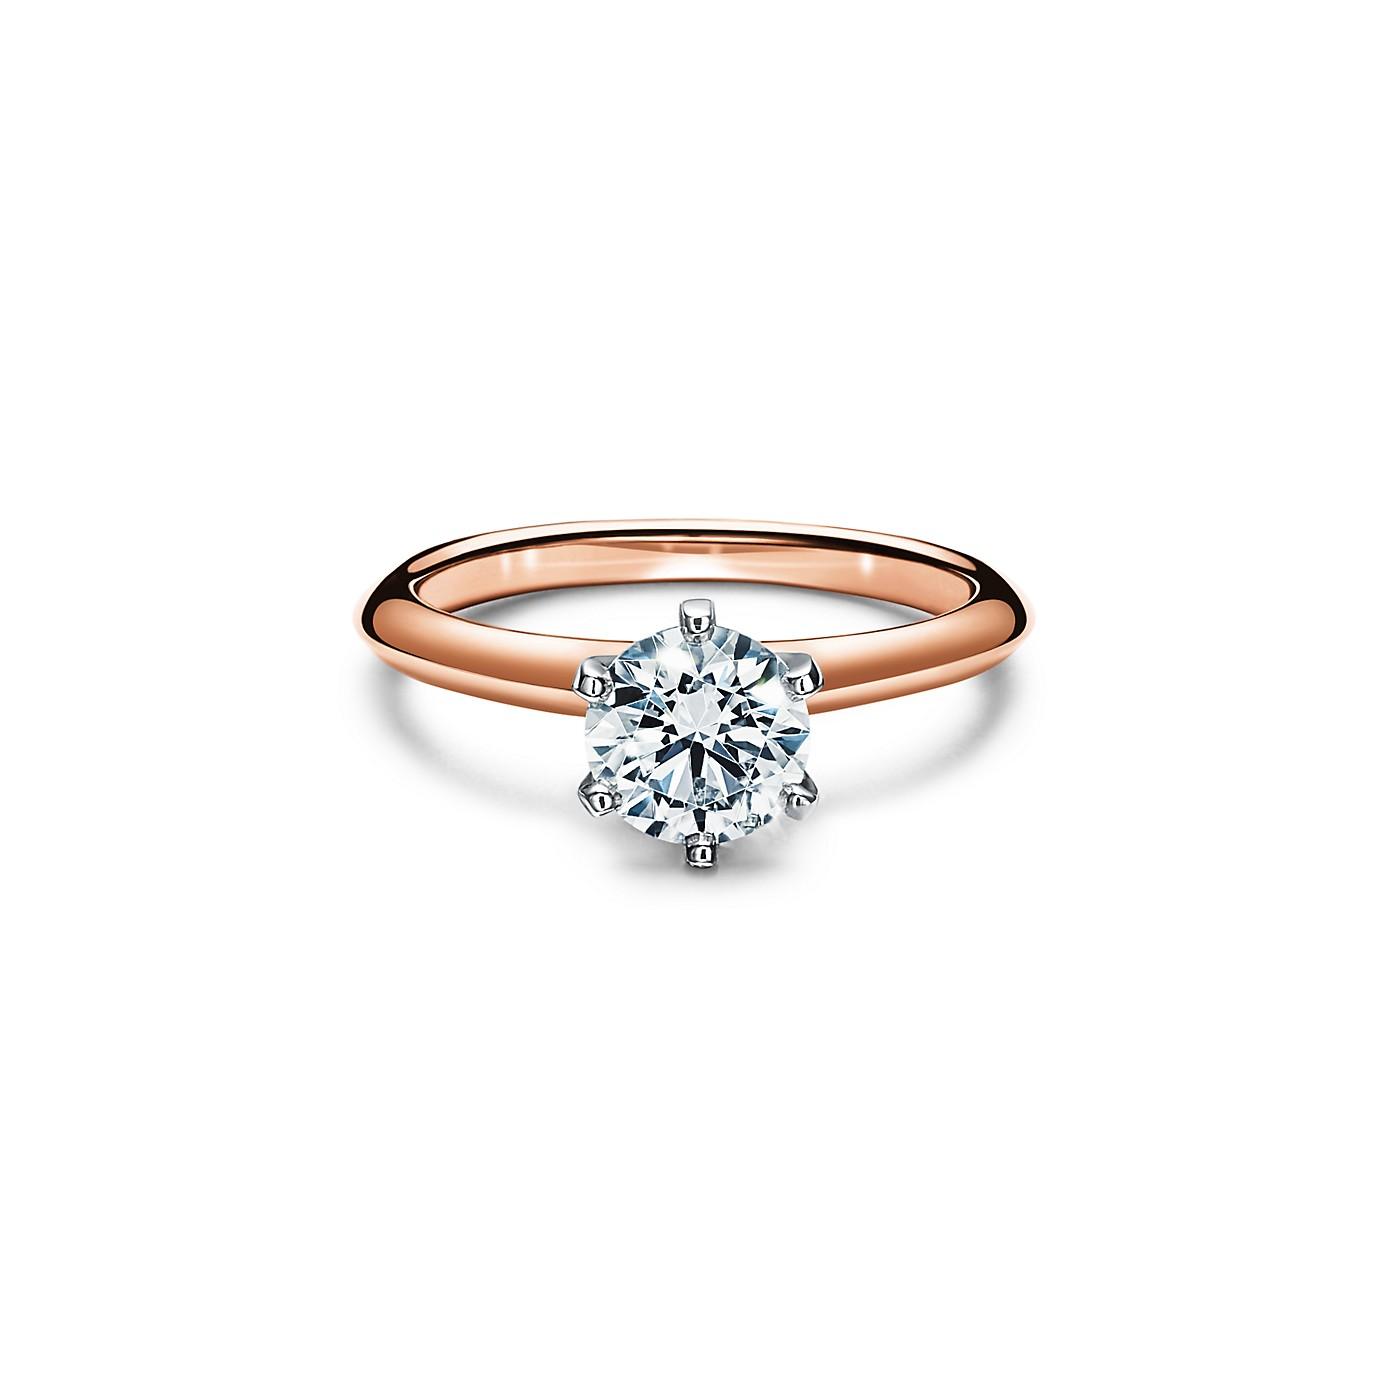 ティファニー セッティング エンゲージメント リング(1)―Tiffany & Co.(ティファニー)